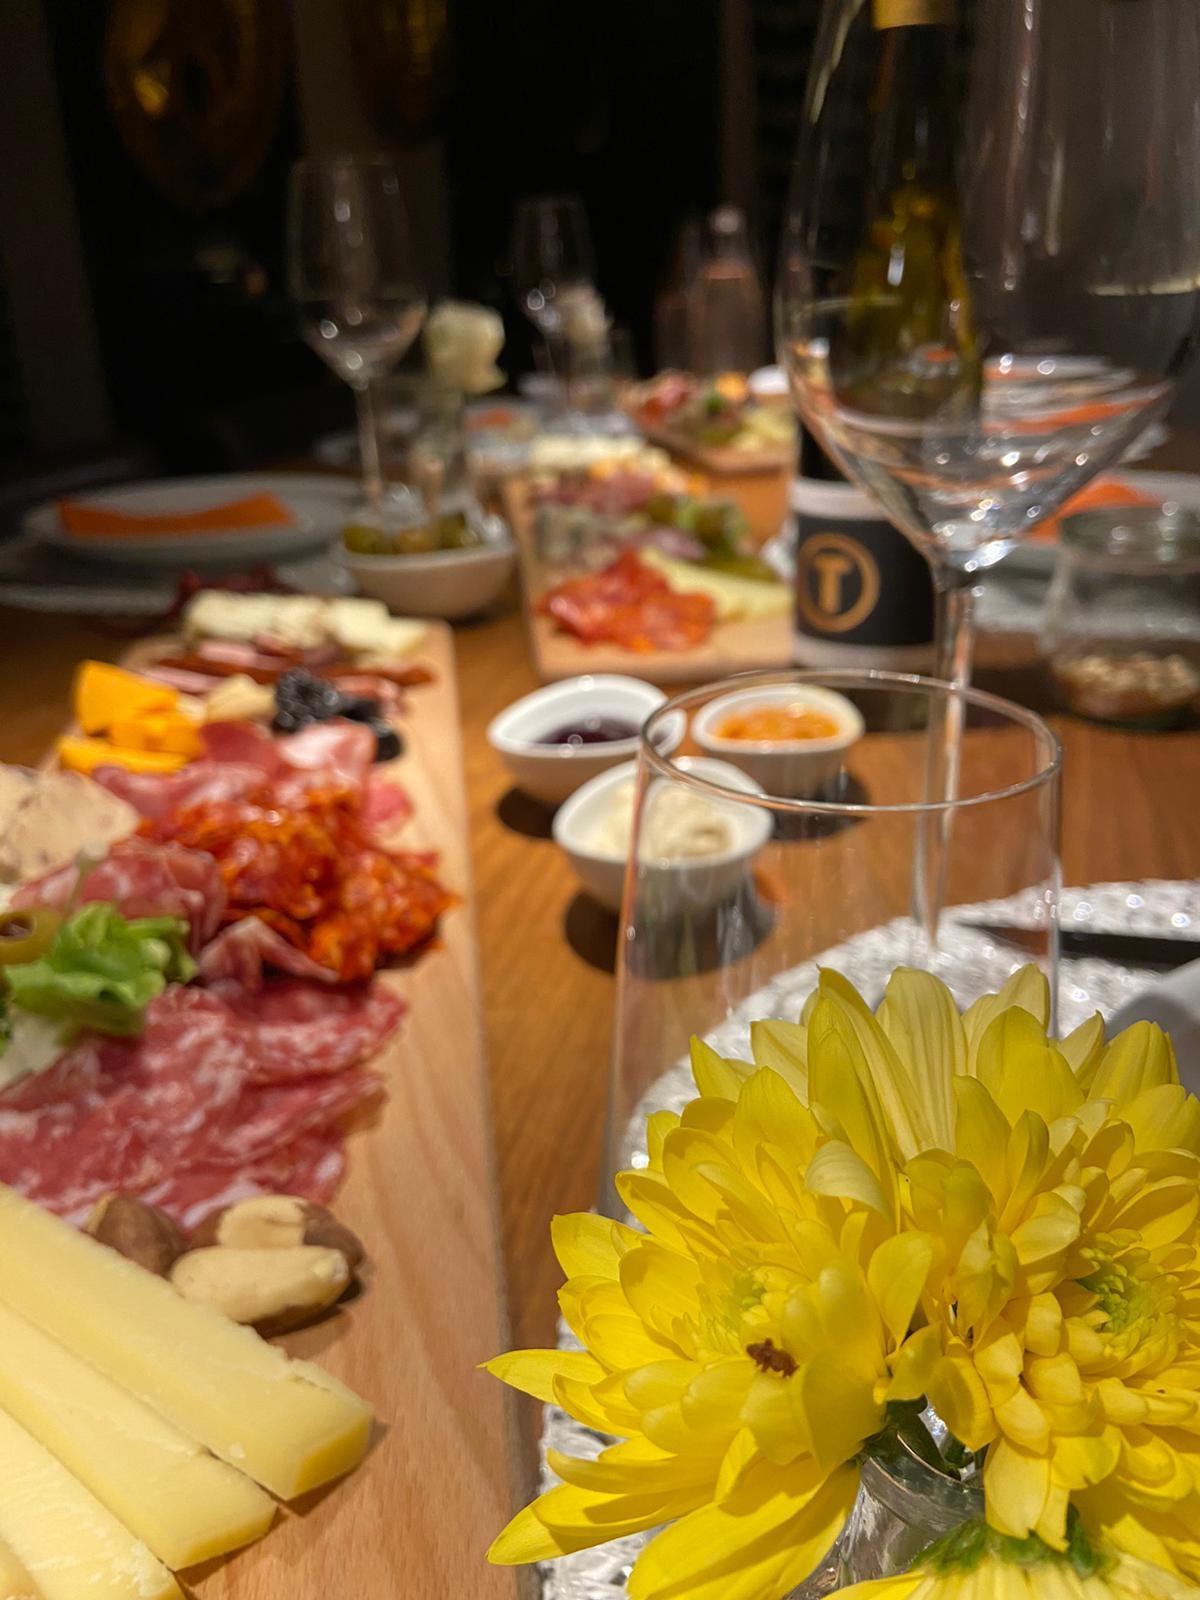 Genussplatte mit leckeren Wurst- und Käsesorten, Obst und Antipasti TO GO